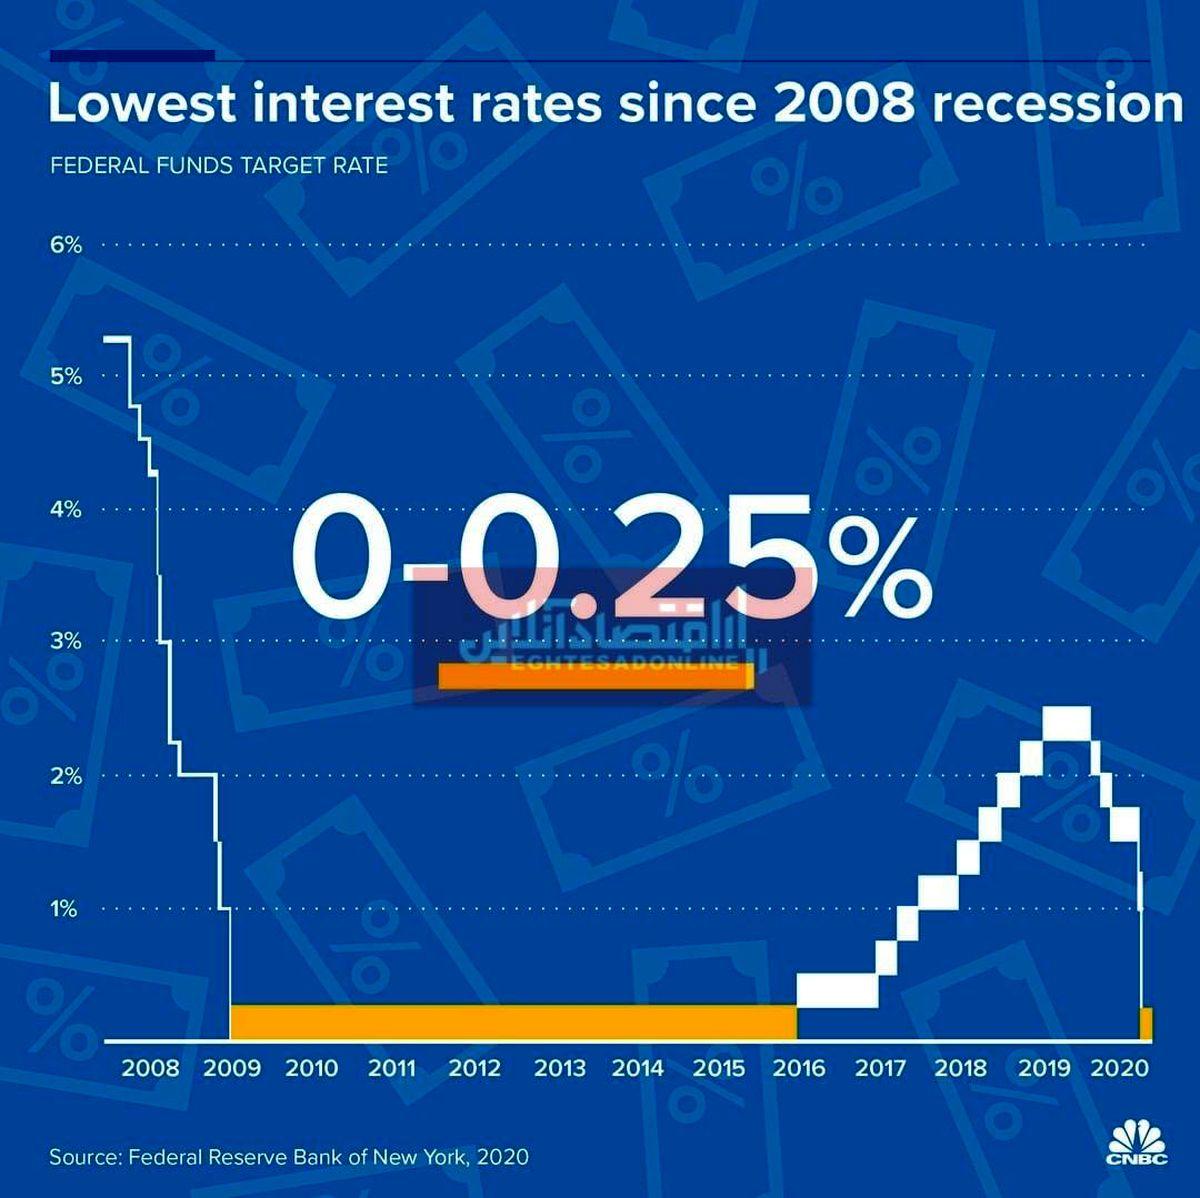 کاهش نرخ بهره در آمریکا به پایین ترین حد از سال2008/ کدام کشورها نرخ بهره را کاهش دادهاند؟